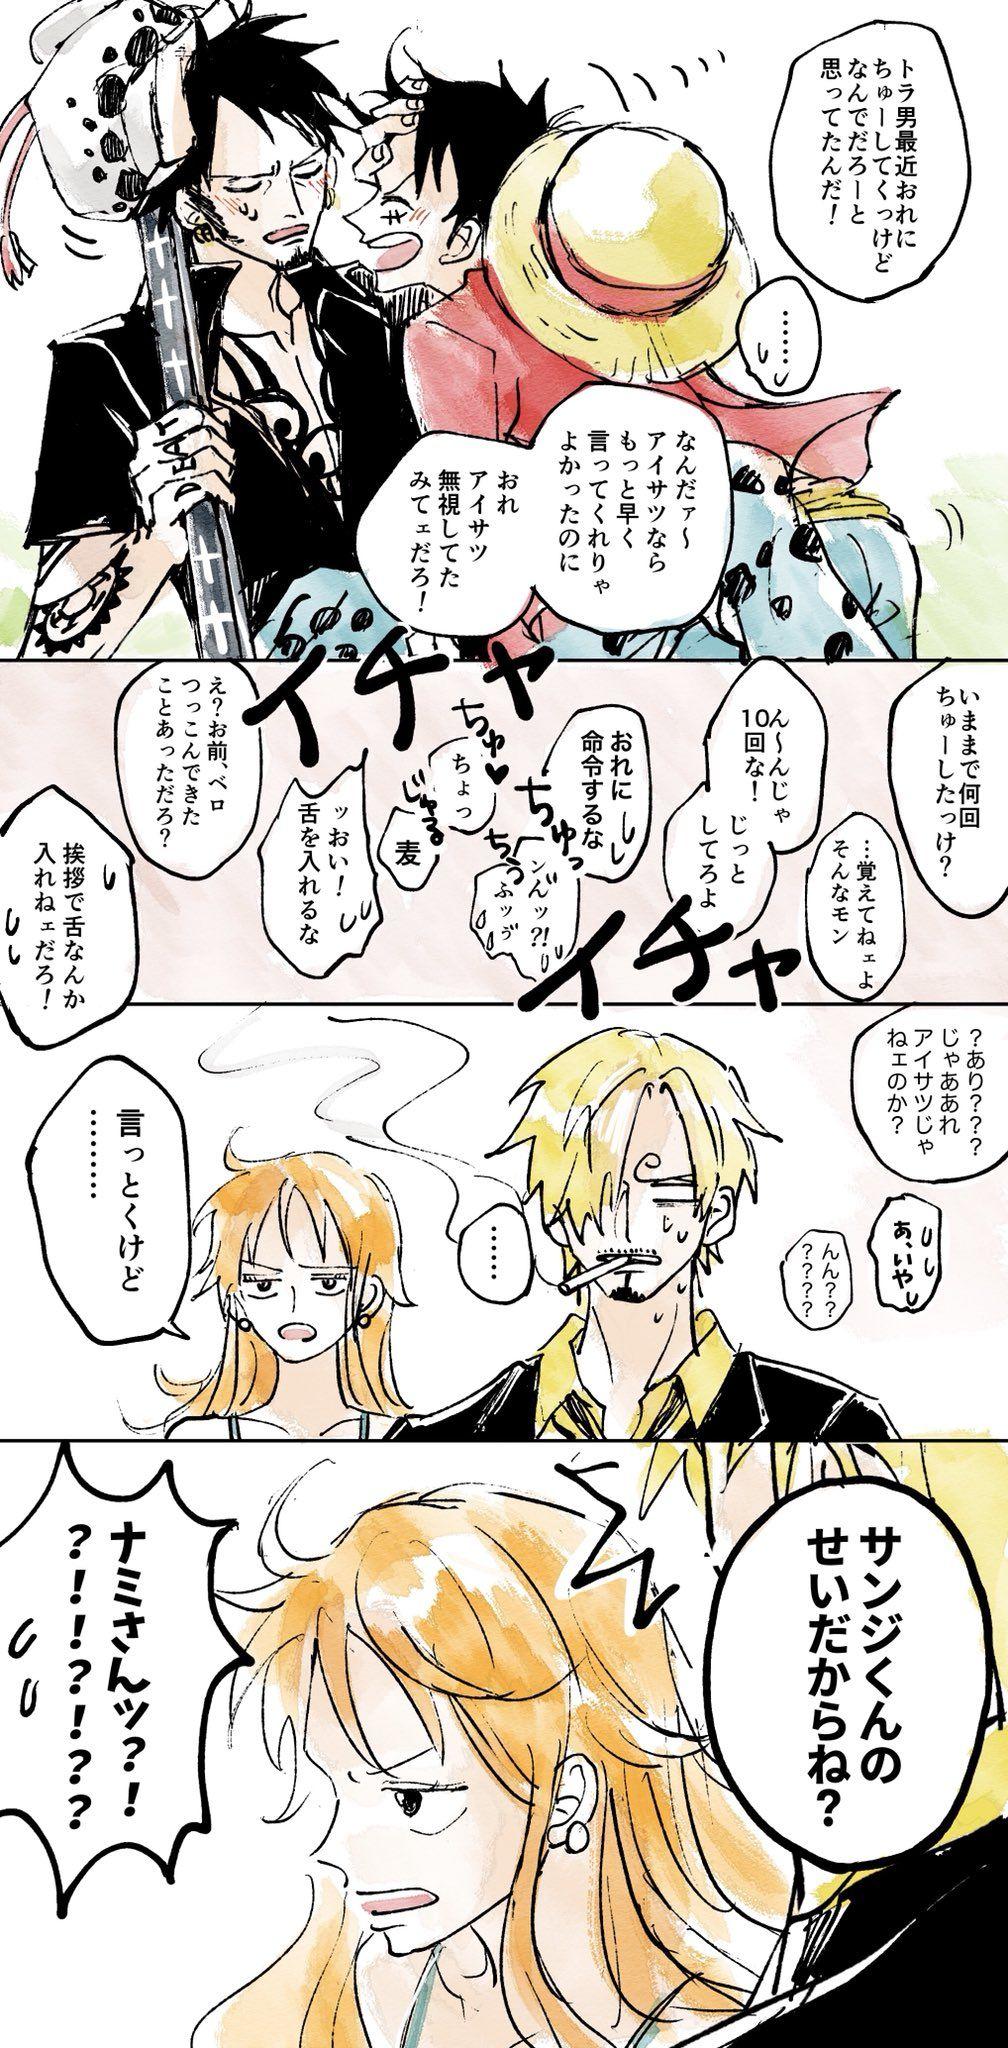 ワンピ おしゃれまとめの人気アイデア pinterest mi soi ワンピース マンガ ワンピース 漫画 ワンピース アニメ